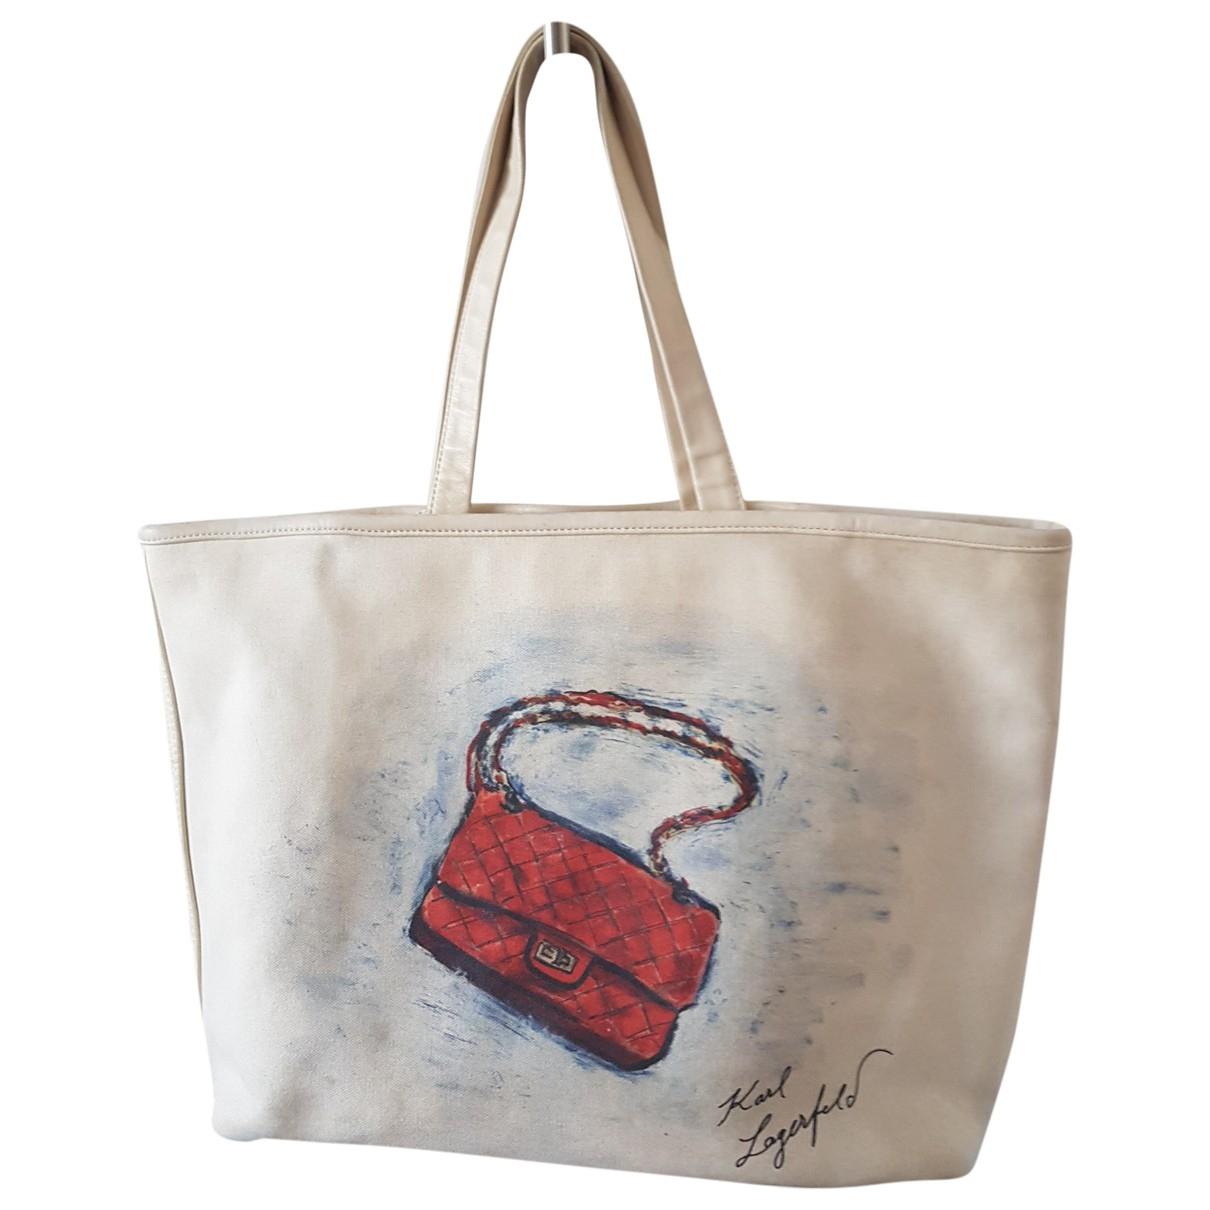 Chanel \N Handtasche in  Ecru Leinen